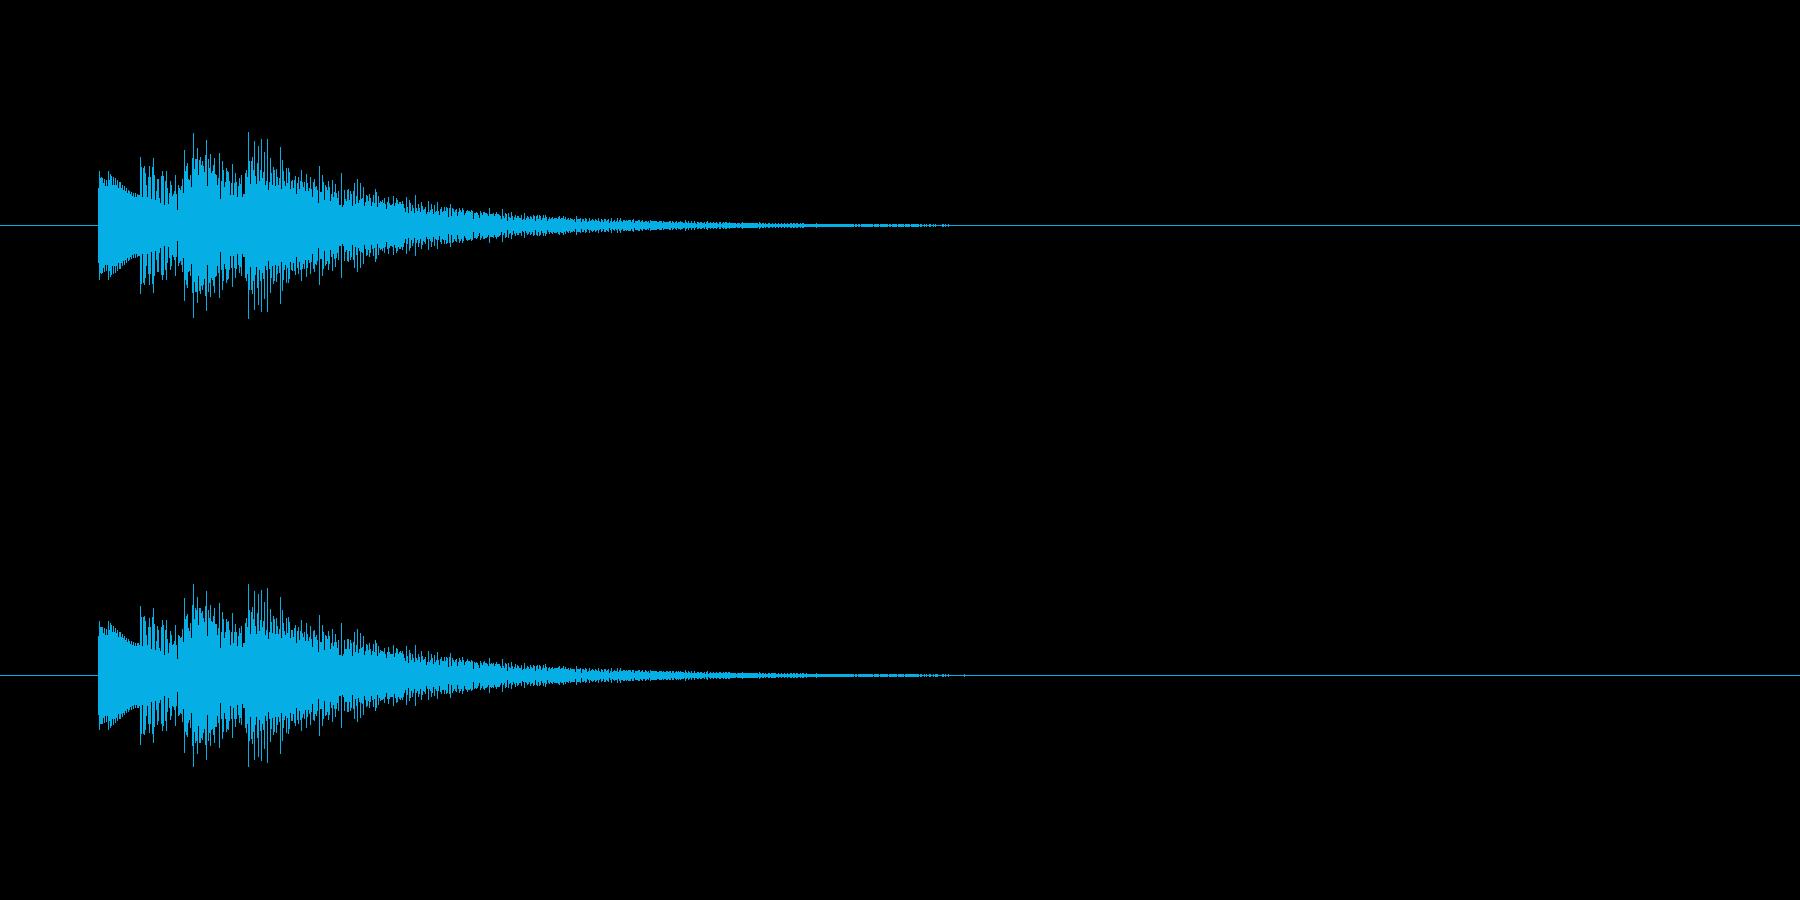 決定音 タッチ音 ベル系音色 音域高めの再生済みの波形